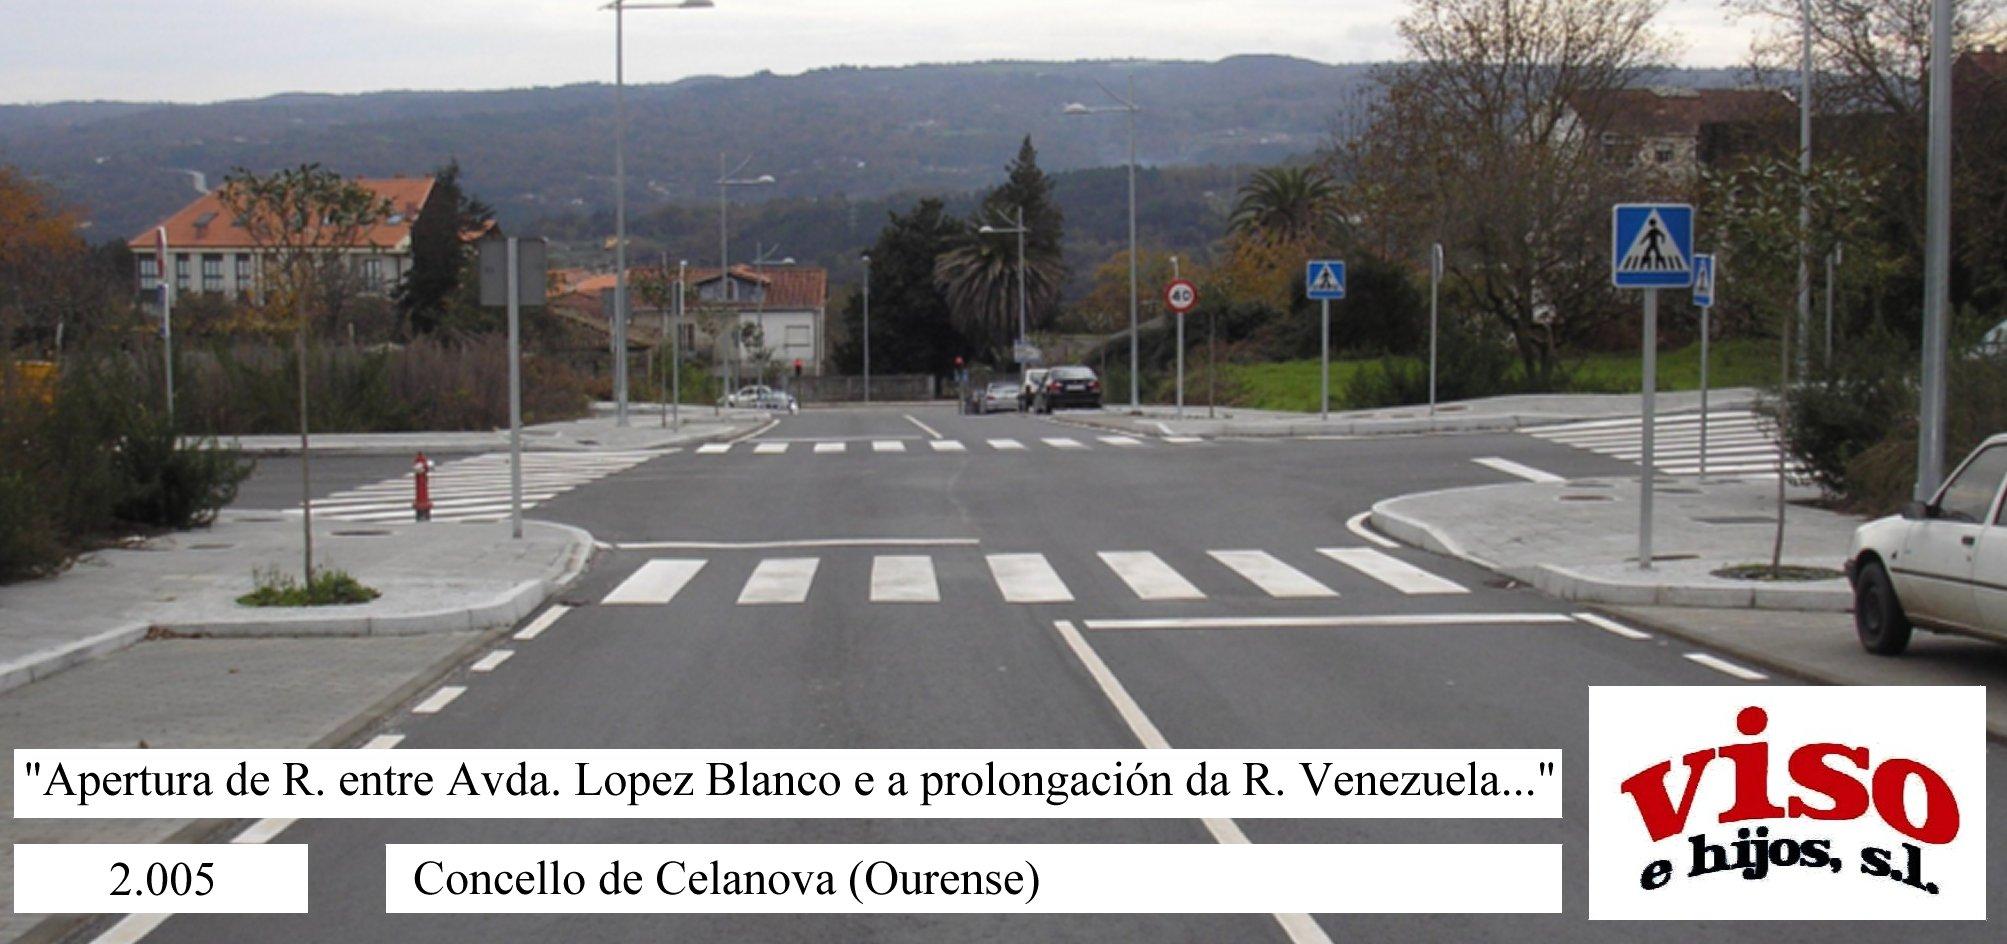 2005 Concello Celanova Inferior